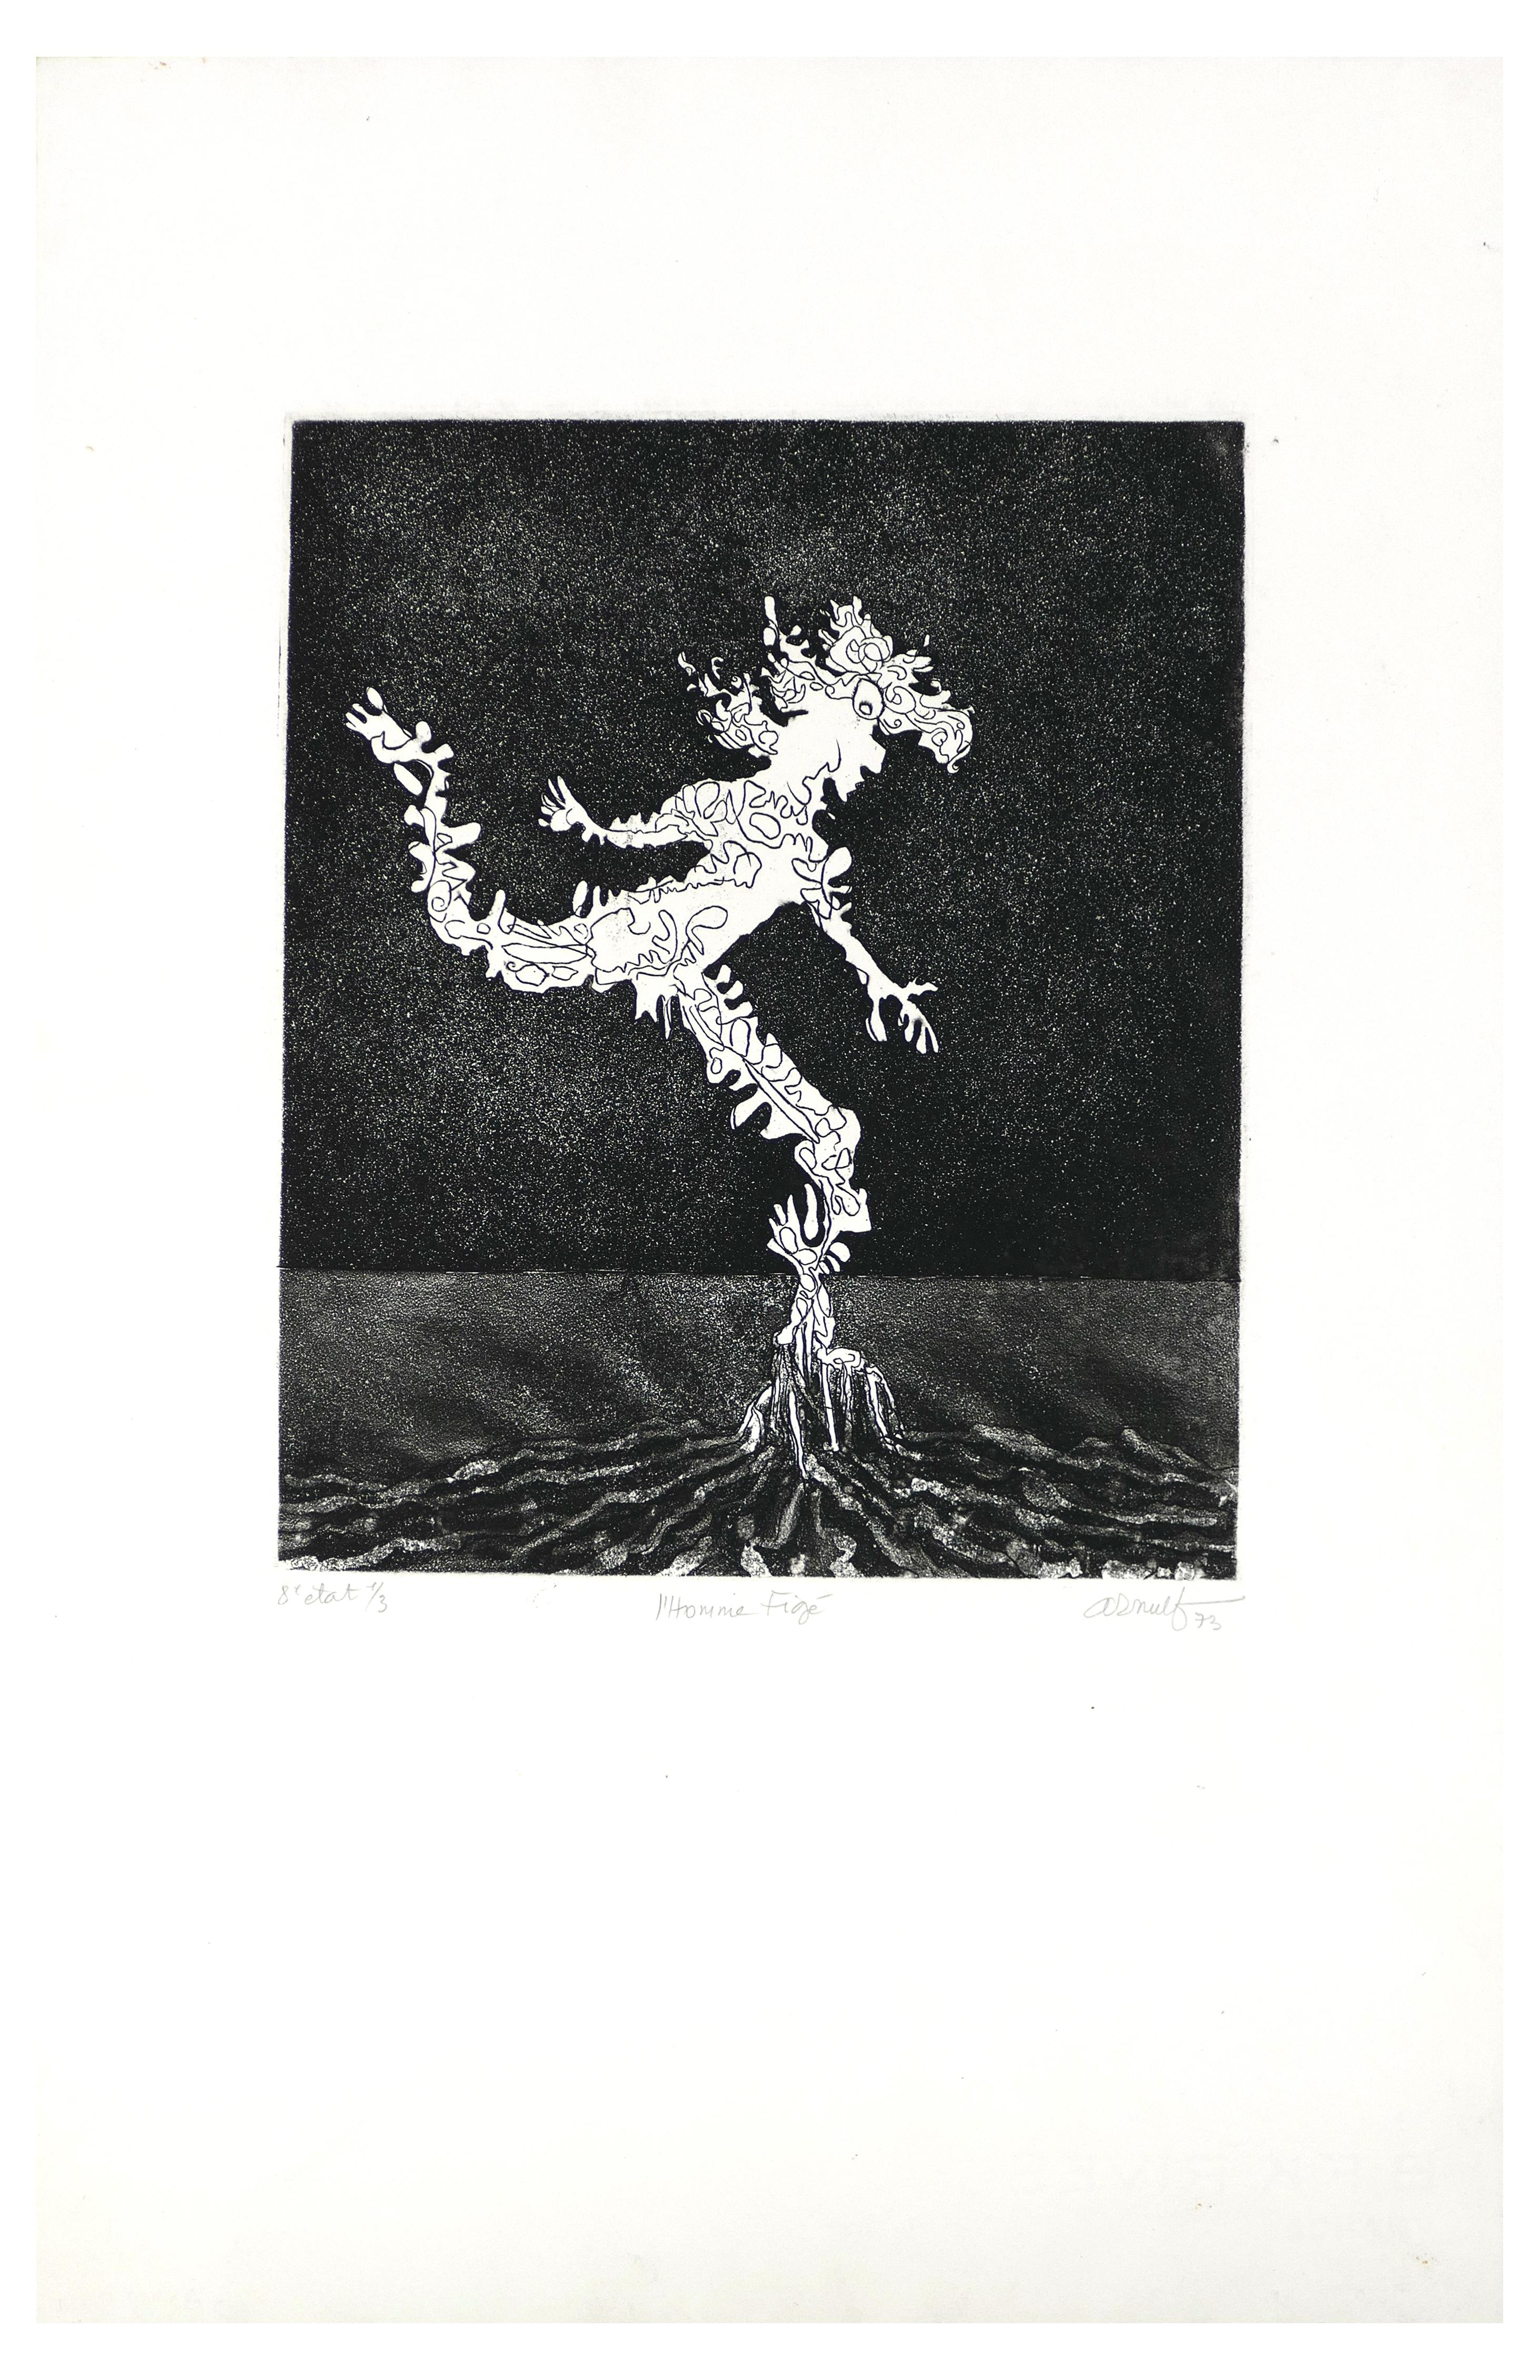 L'Homme Figé - Original B/W Etching by G. Arnulf - 1973